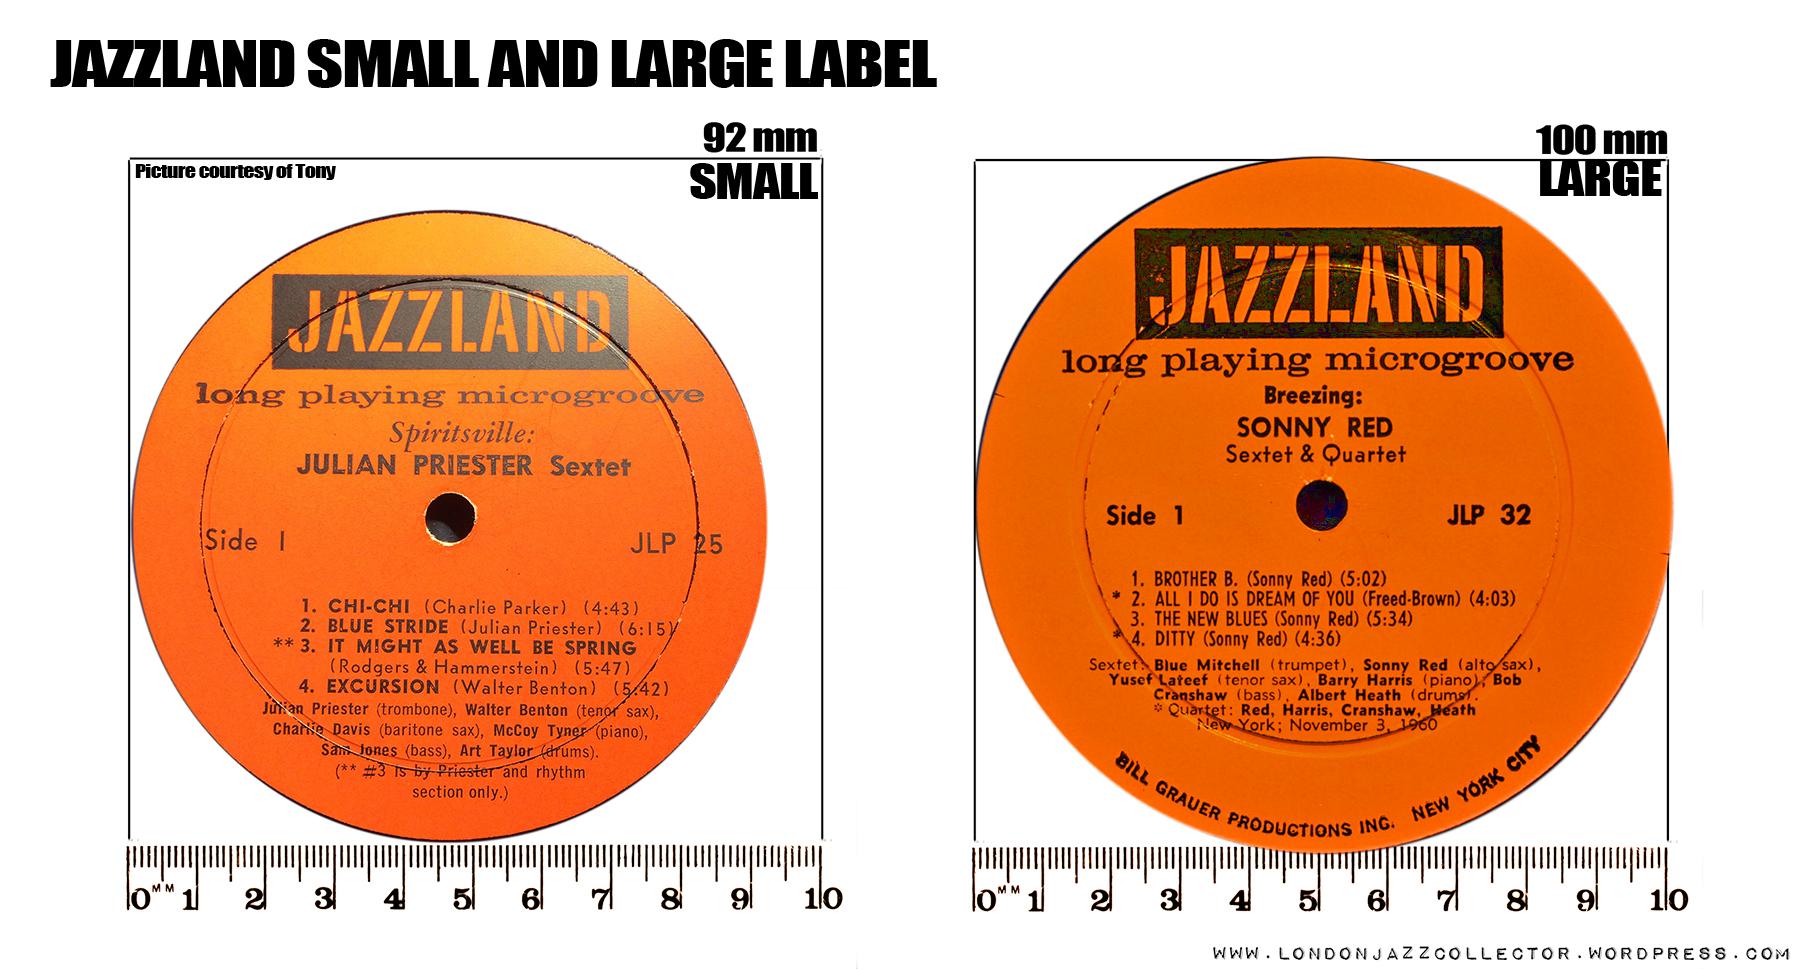 Jazzland Londonjazzcollector